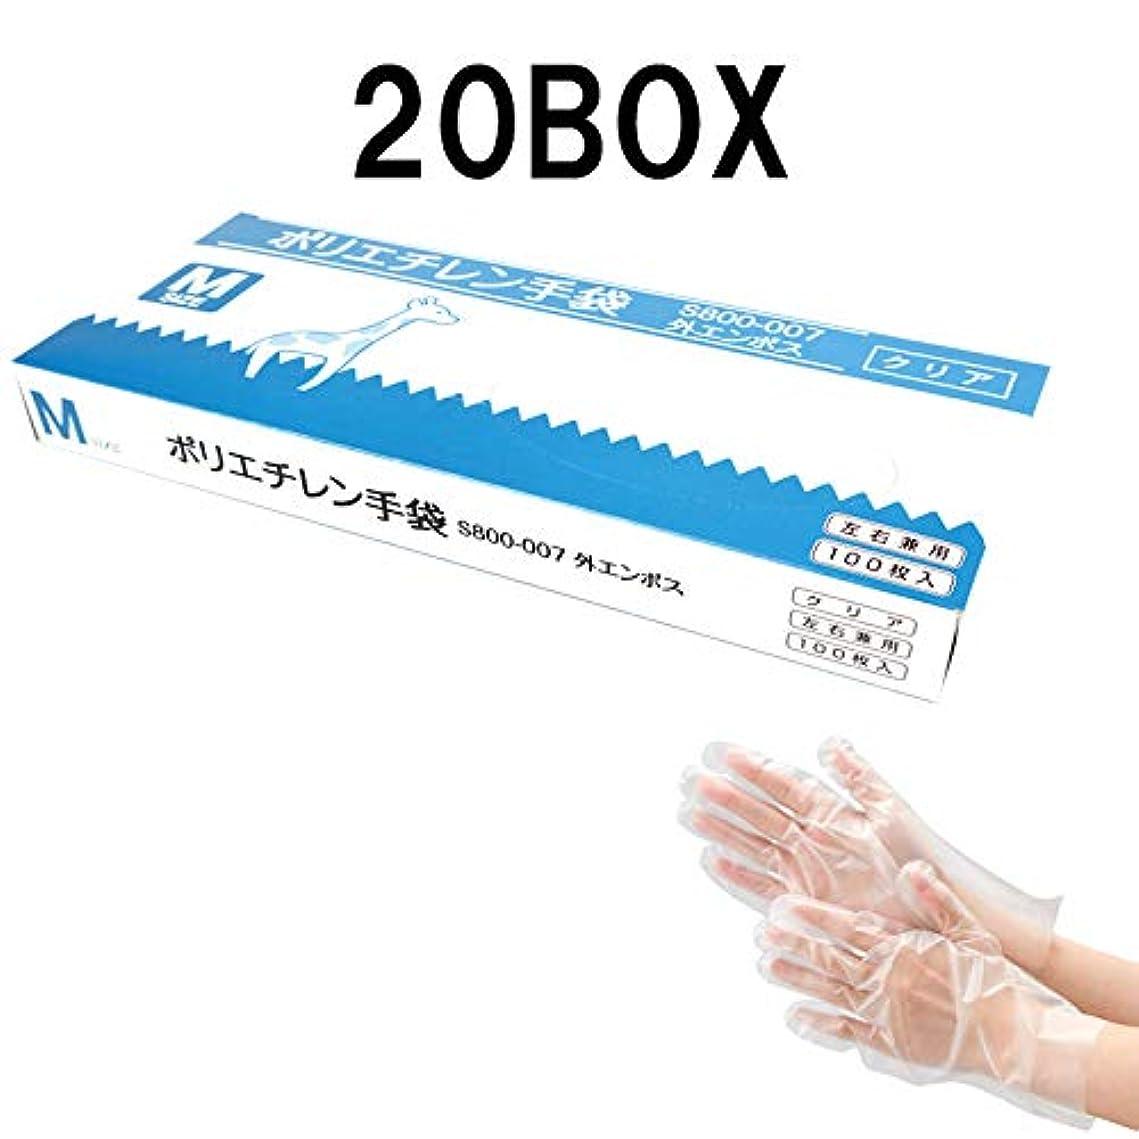 同情幻影侵入する(2000枚) 使い捨て ポリエチレン手袋 Mサイズ 100枚入り×20BOX クリア色 左右兼用 外エンボス 食品衛生法適合品